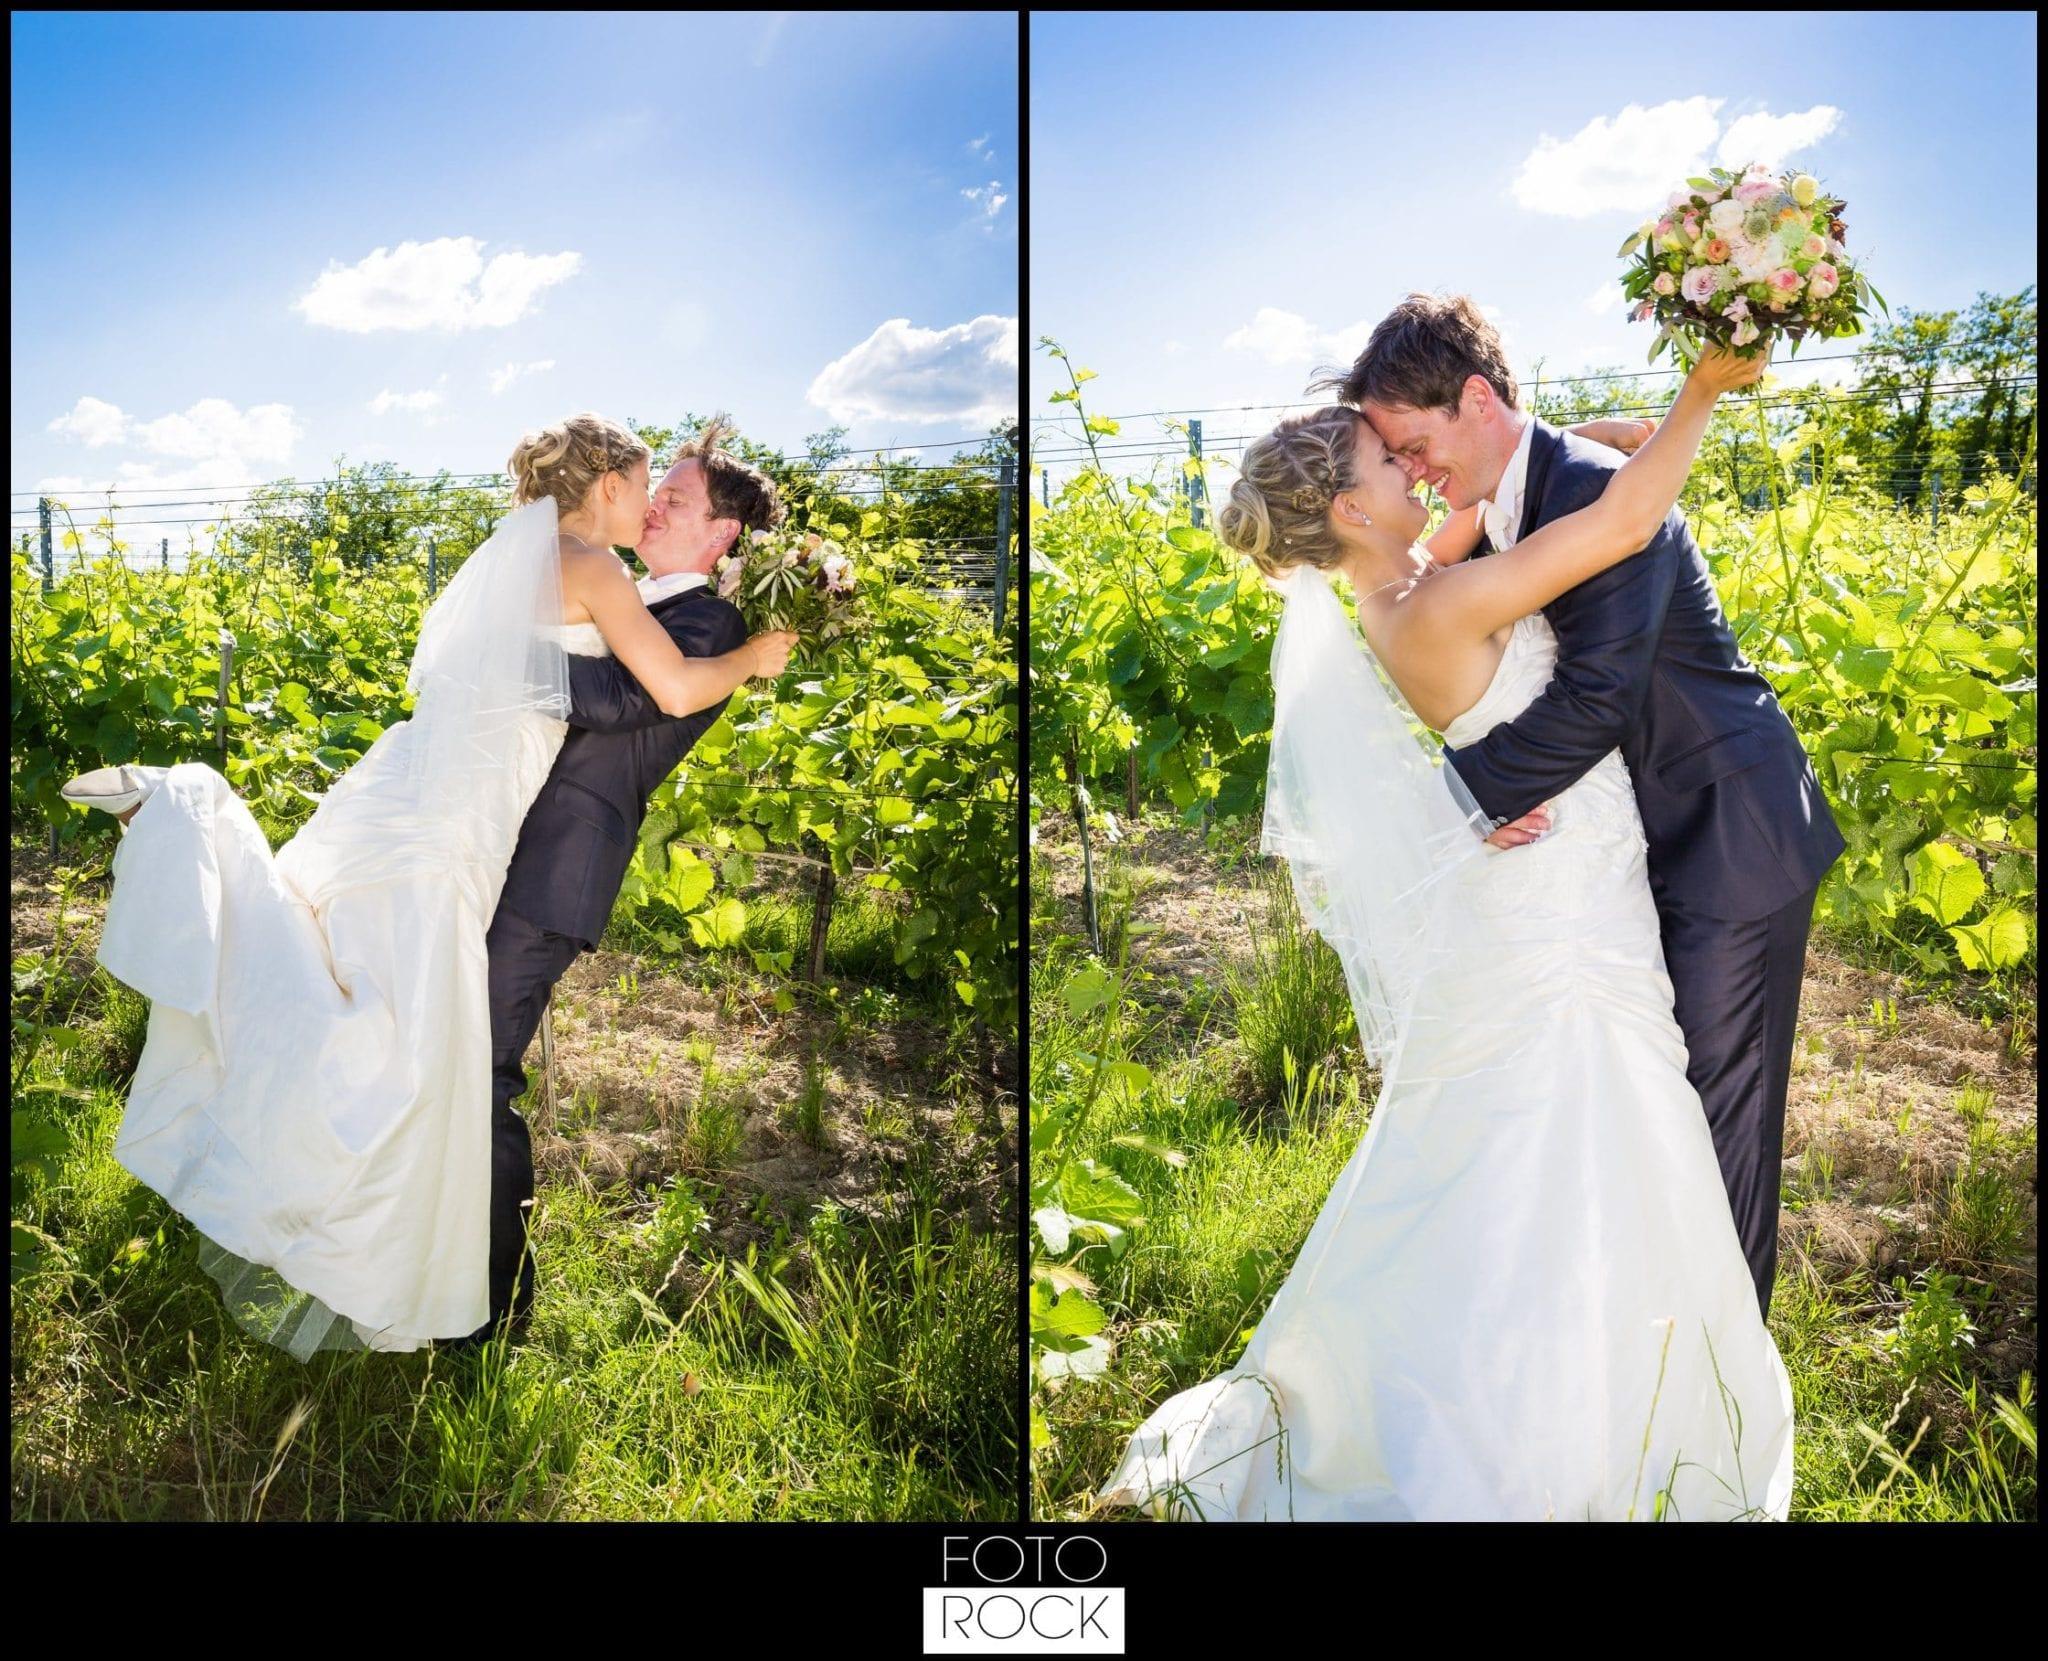 Hochzeit Lilienhof Ihringen Brautpaar Kuss Weinreben Brautstrauss